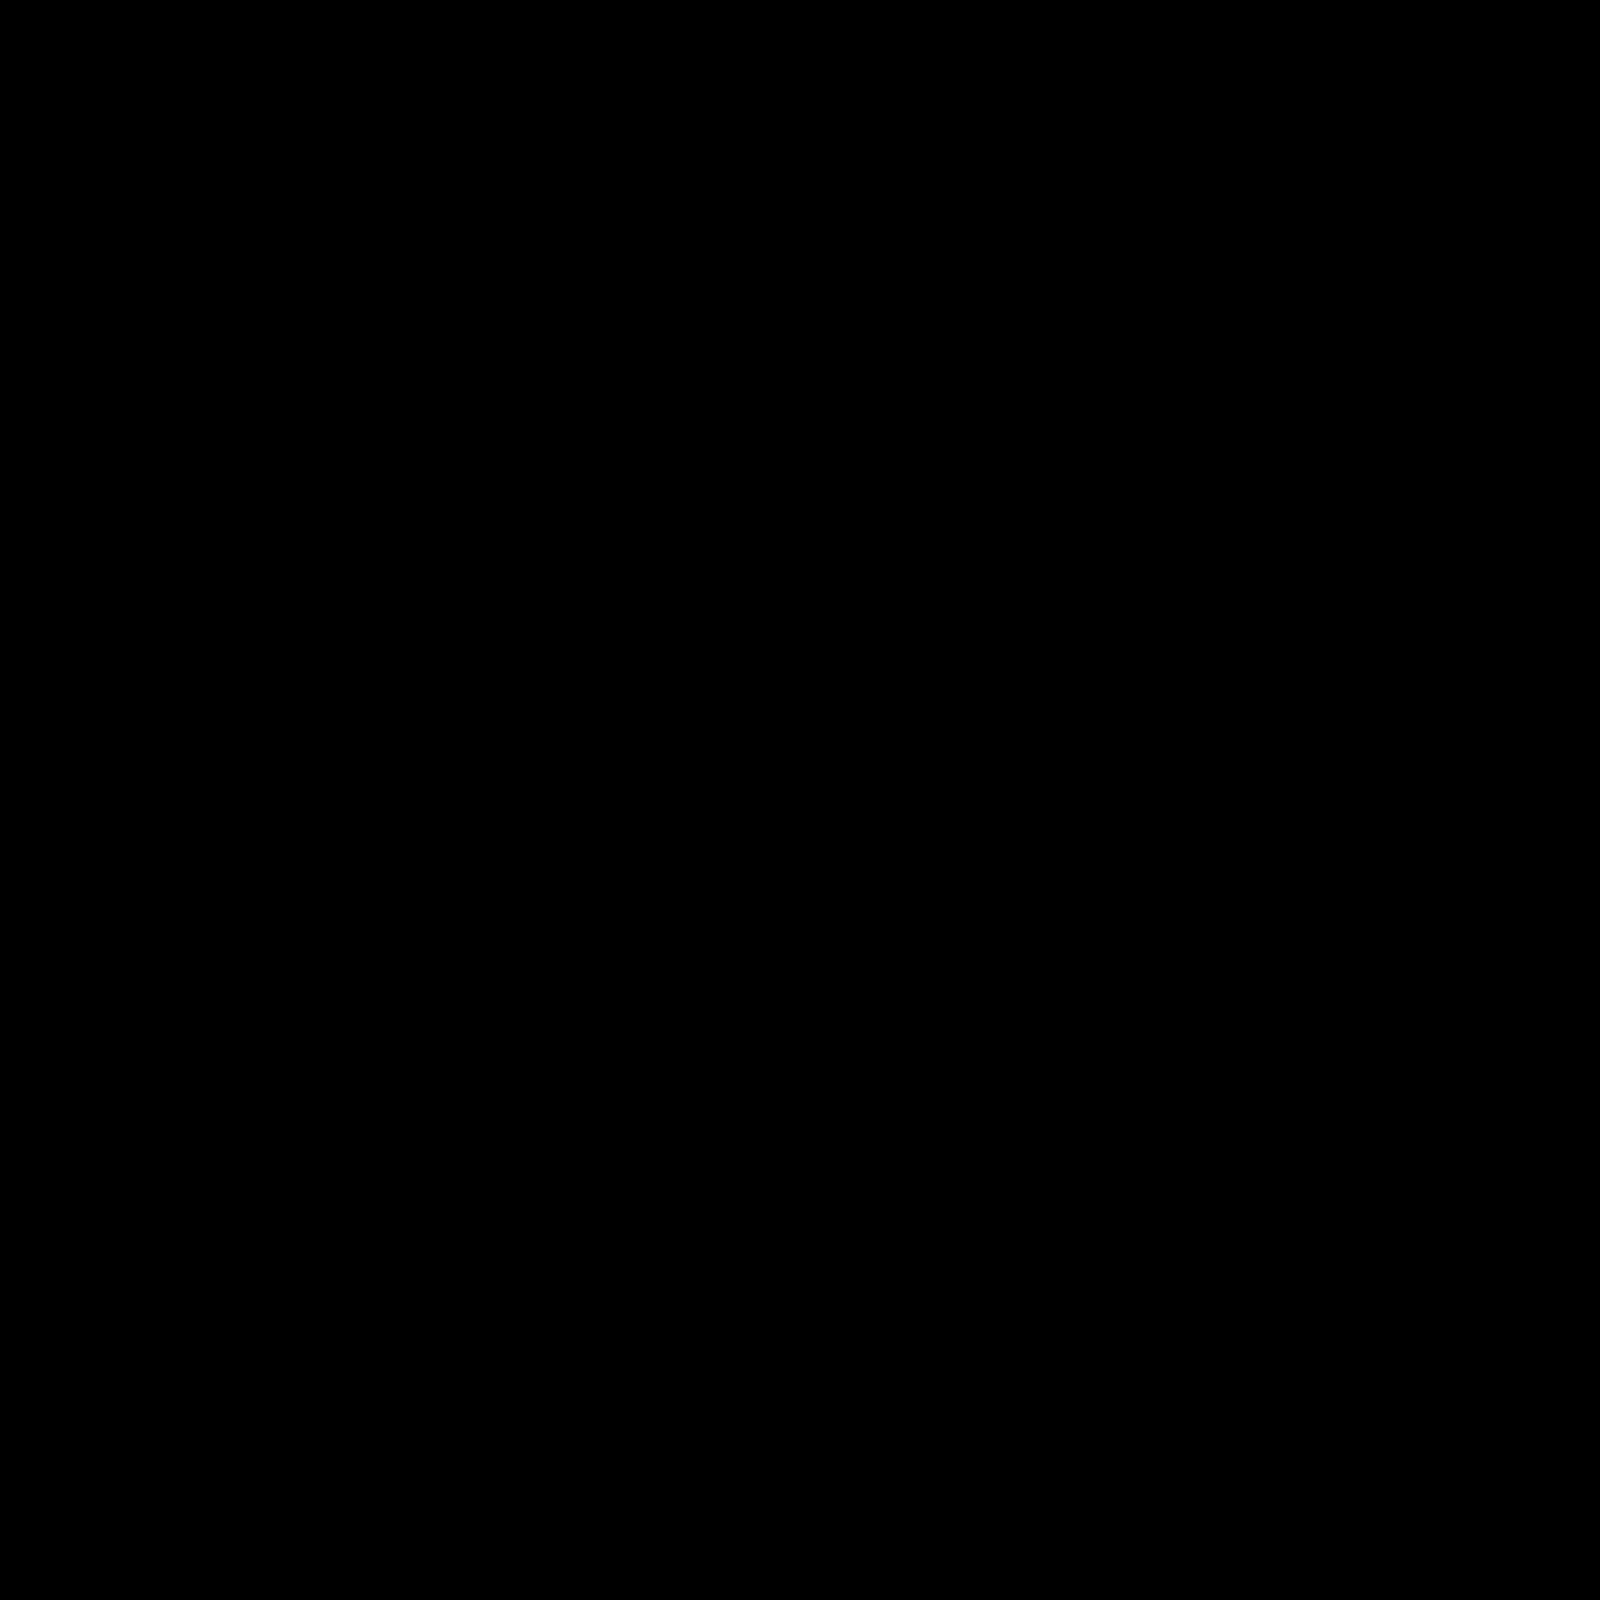 Zakreślone D icon